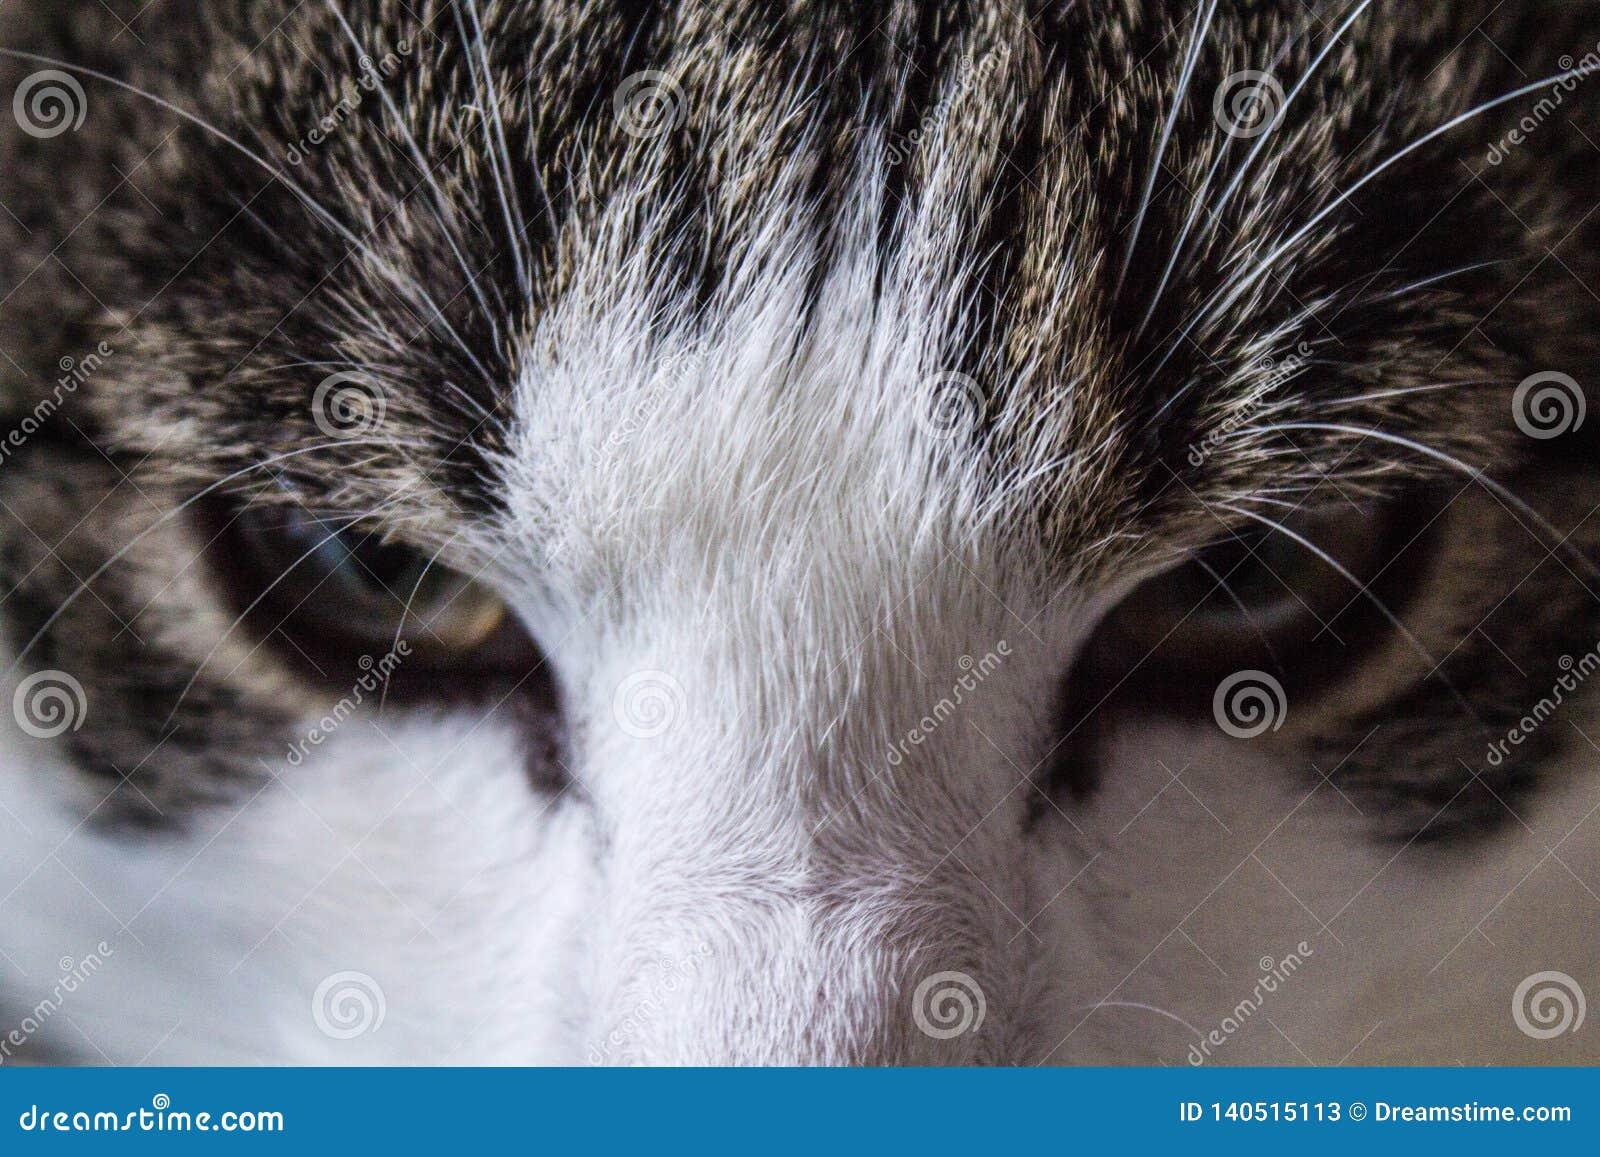 Acima-fim dos olhos de gato que levanta a cara